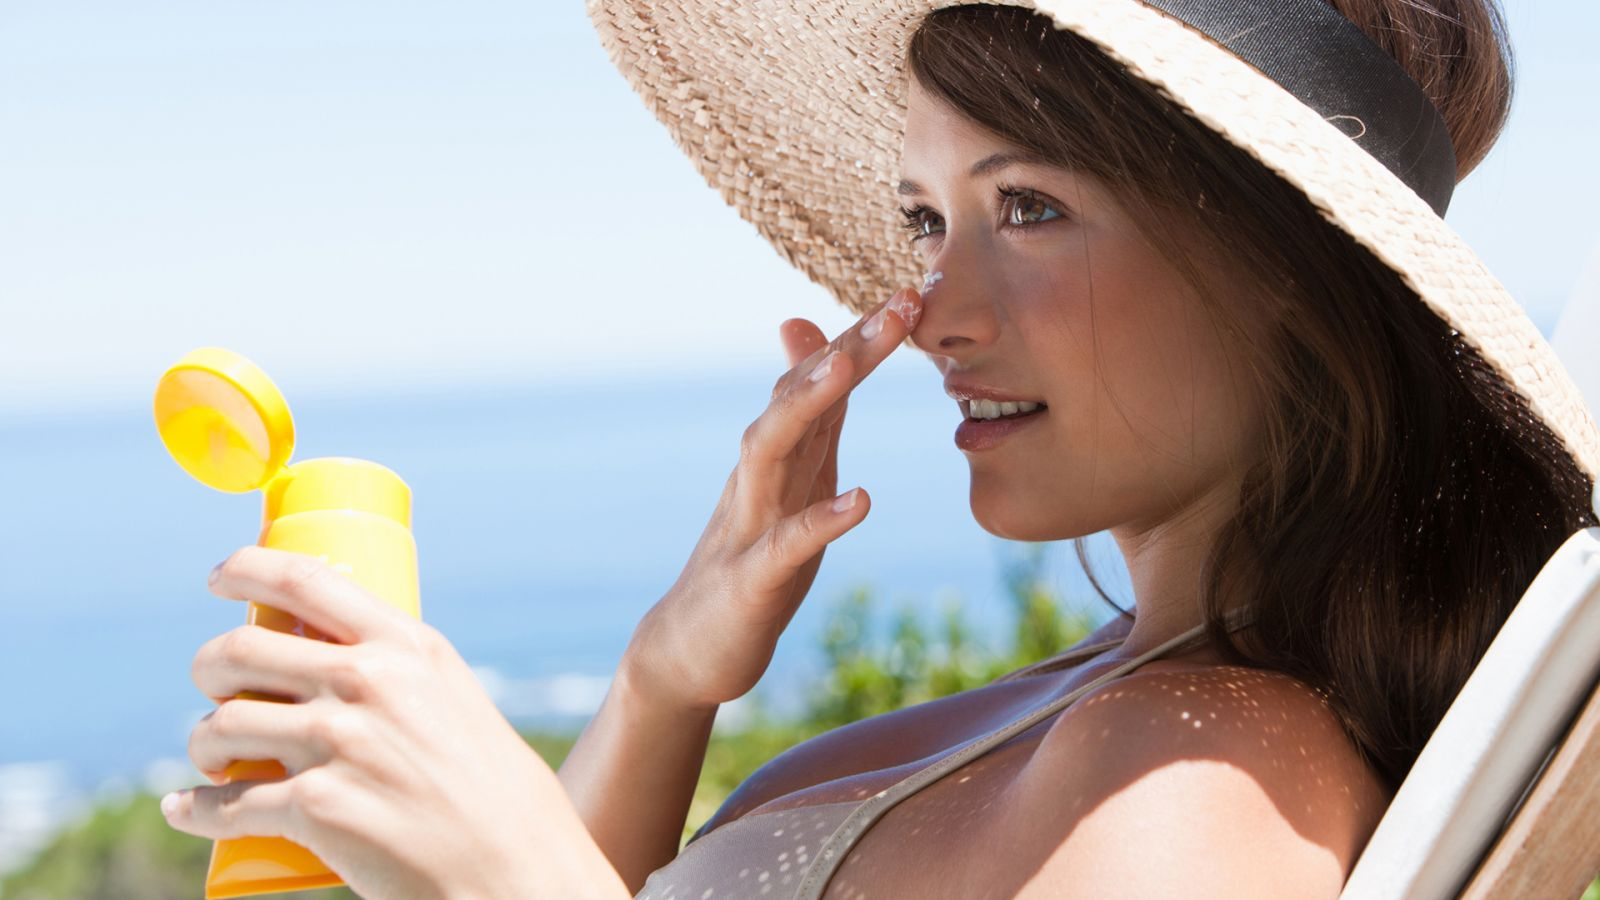 Đừng quên kem chống nắng khi bạn đi bất cứ đâu, nhất là khi đi du lịch!